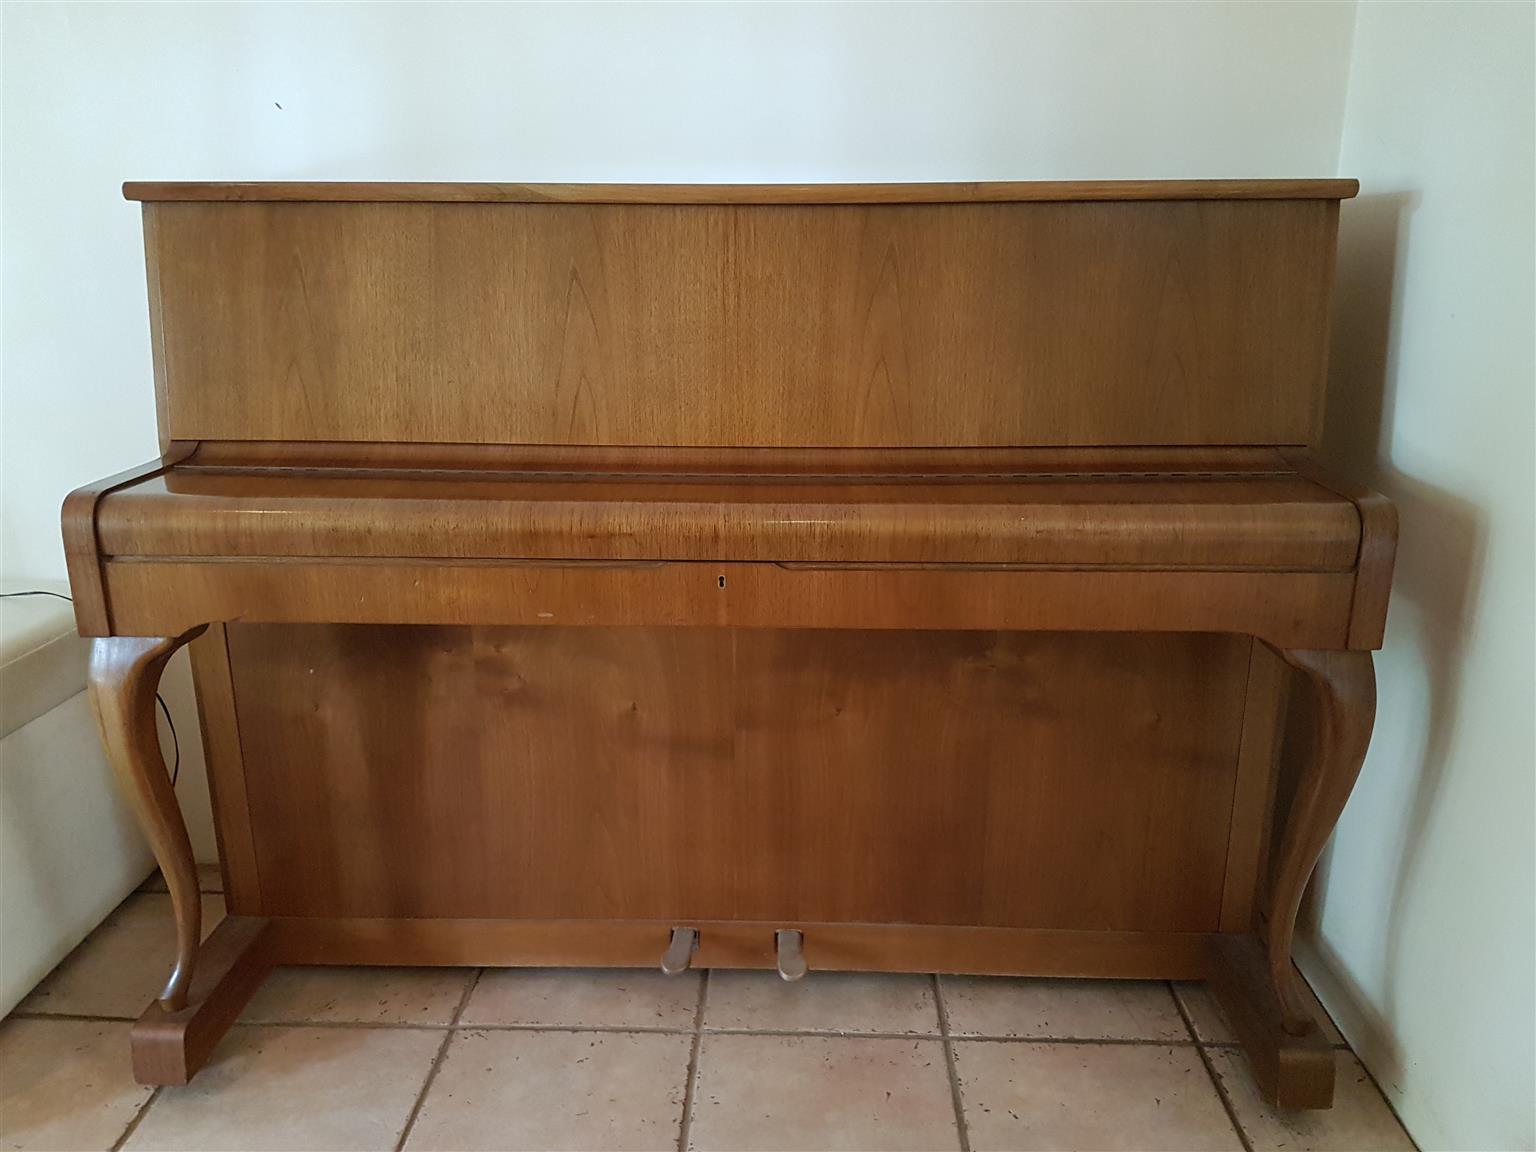 Sauter piano for sale